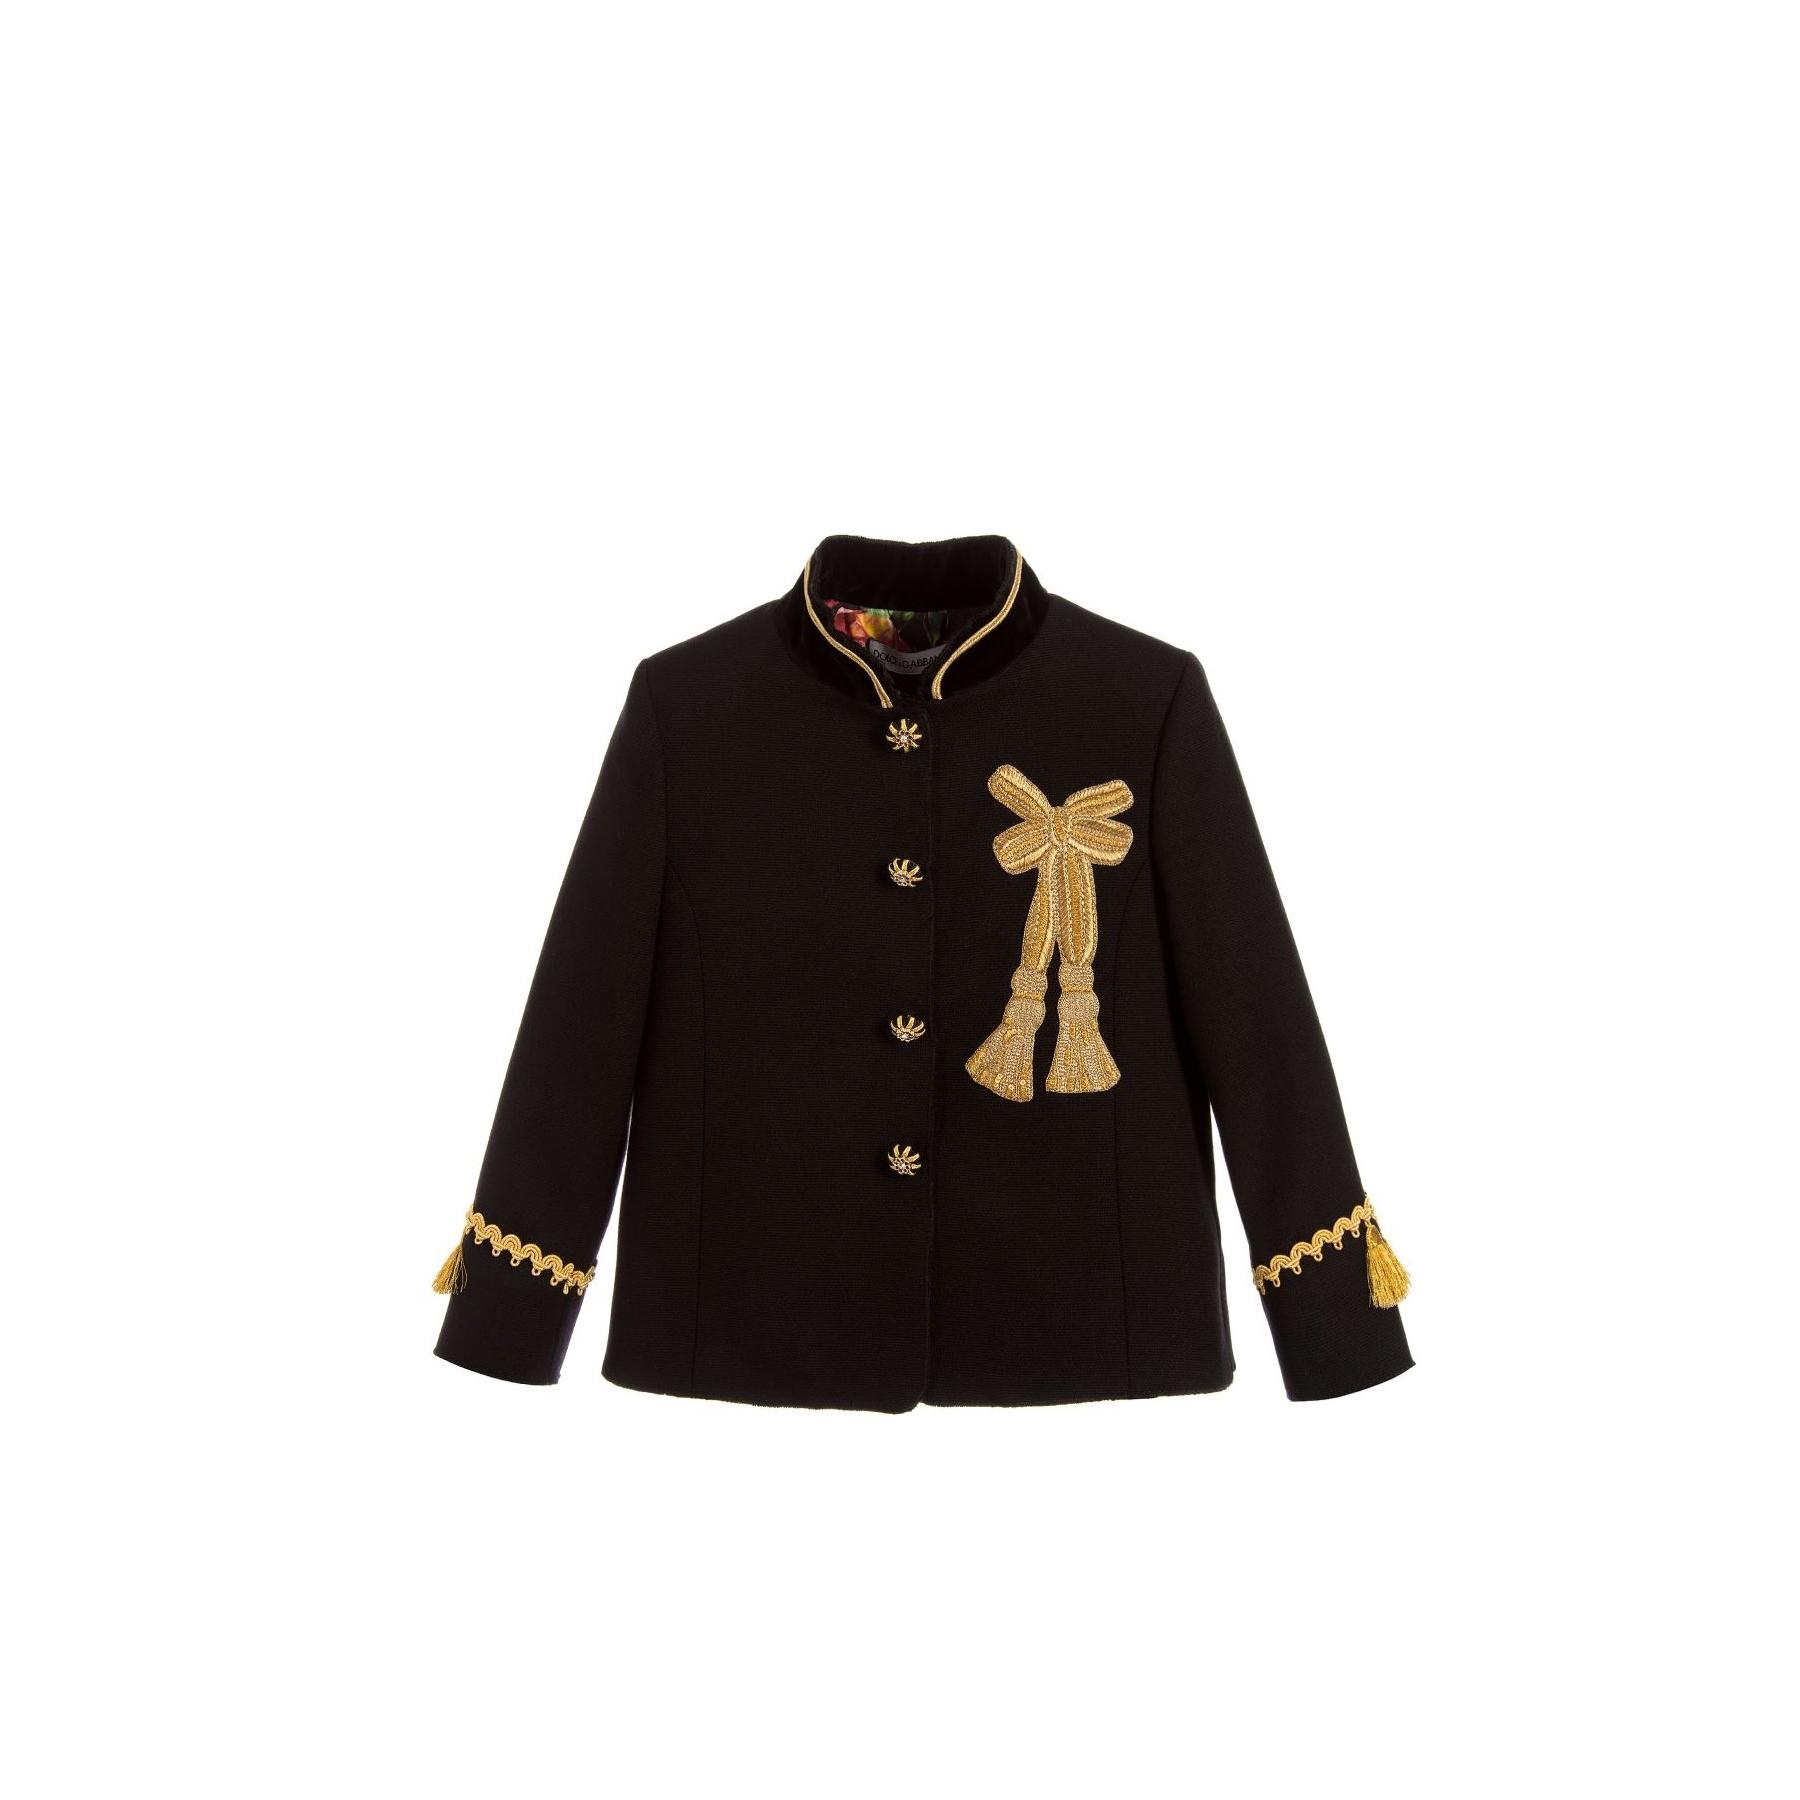 jachetă neagră din lână dolce and gabbana